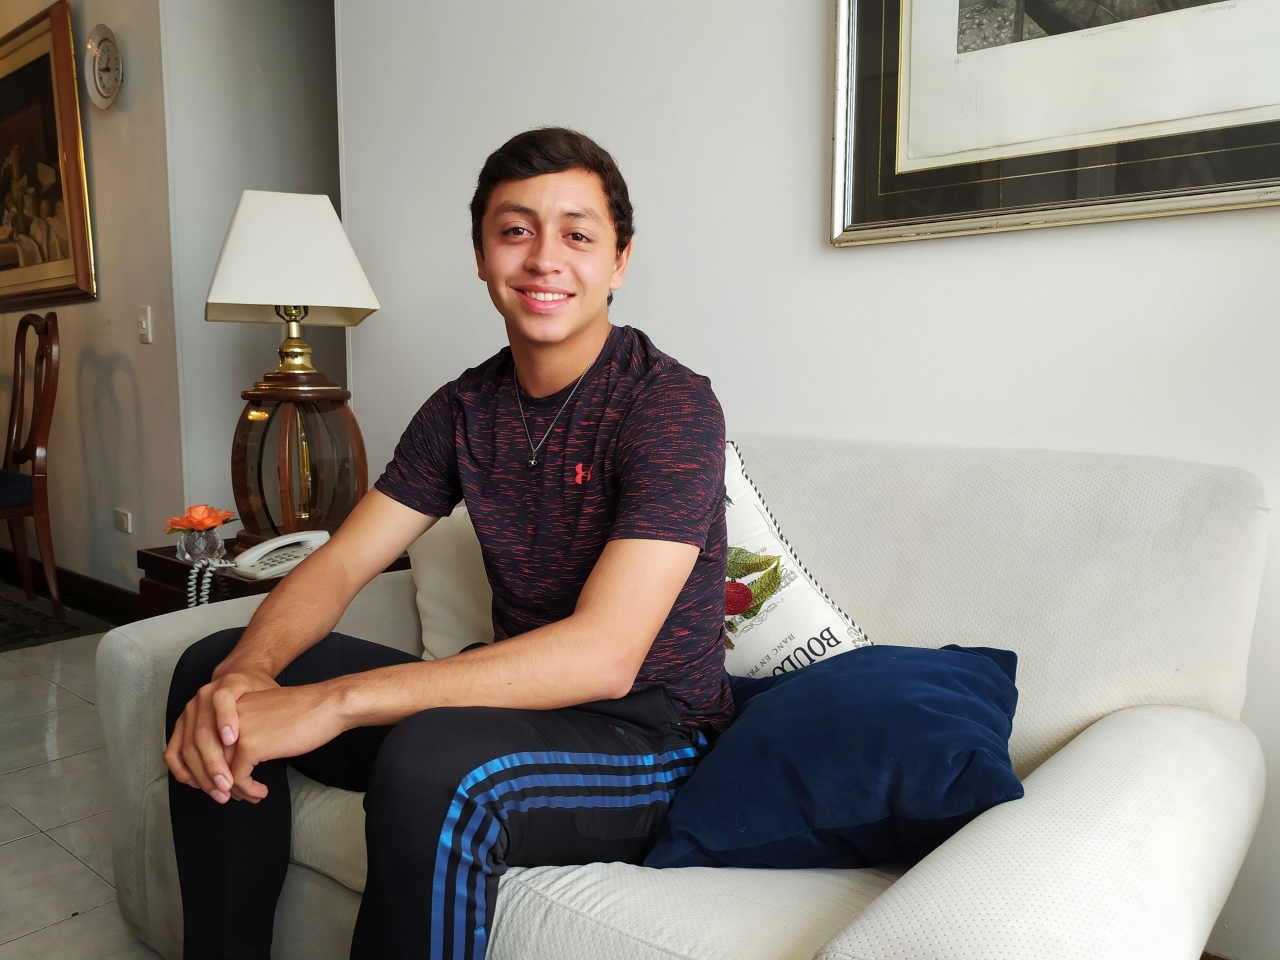 De Estados Unidos a Colombia, el sueño de ser jugador profesional de fútbol